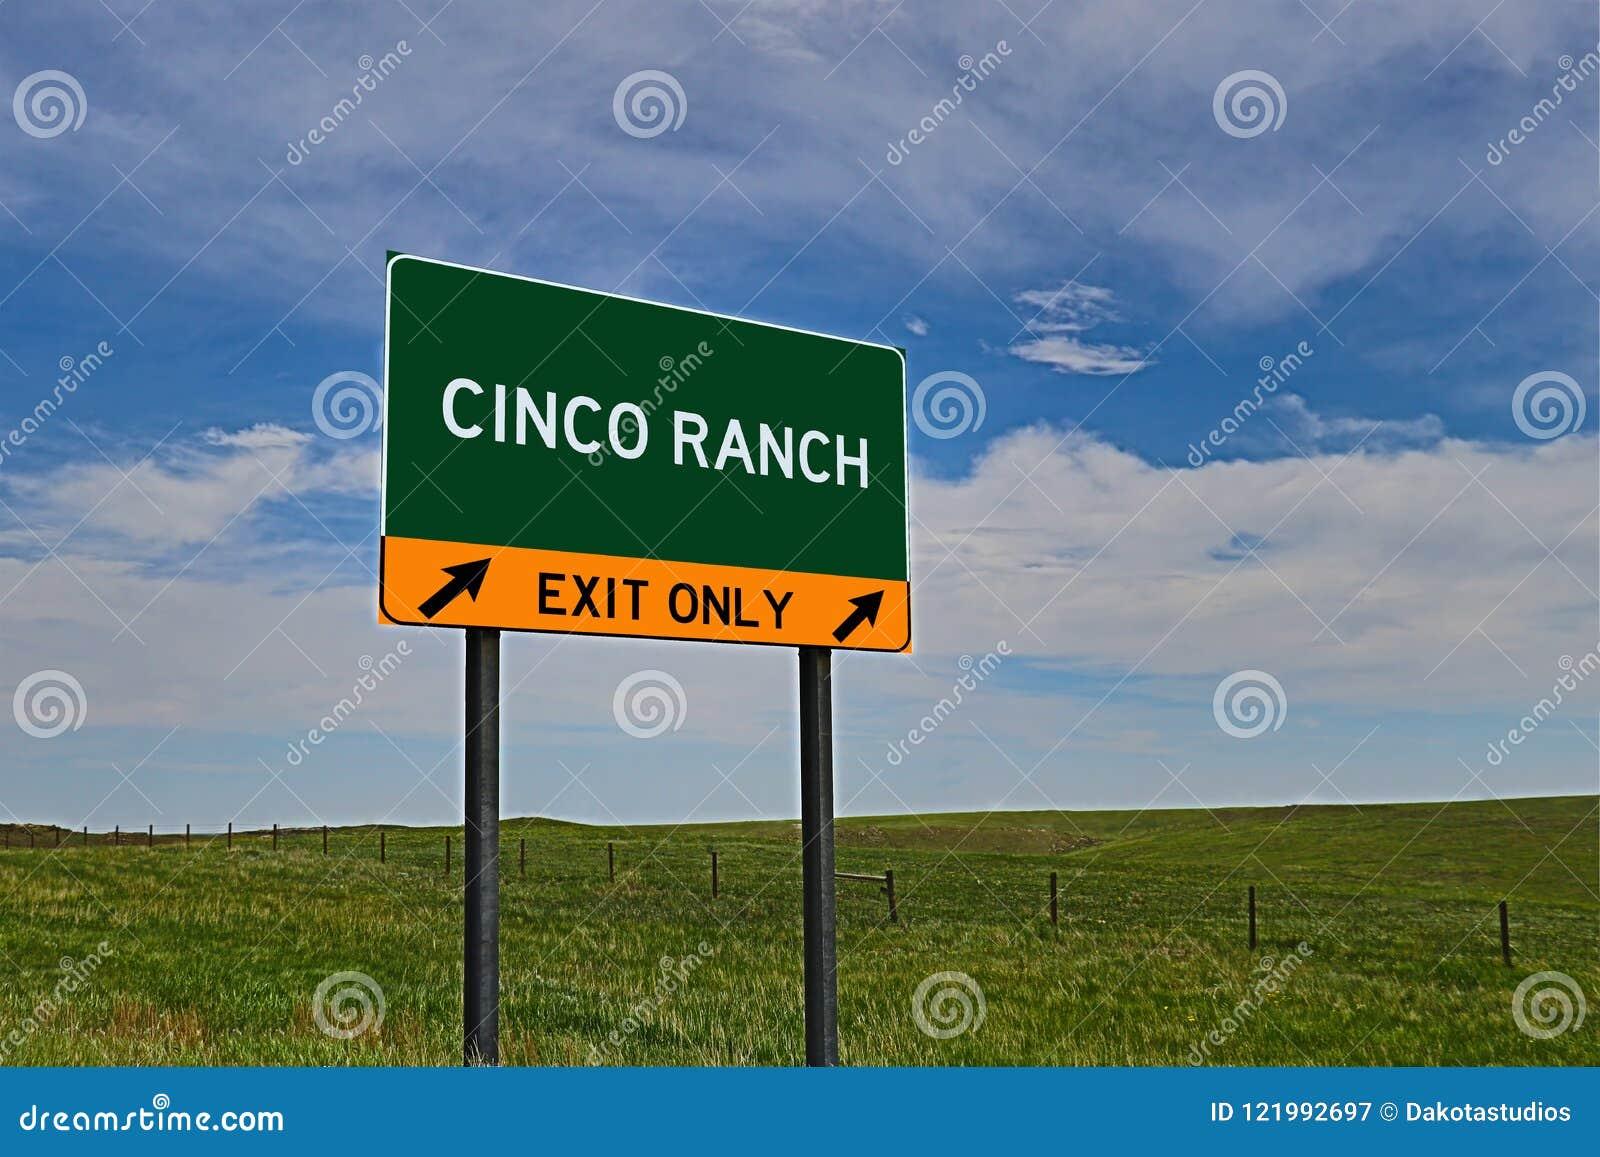 US-Landstraßen-Ausgangs-Zeichen für Cinco Ranch